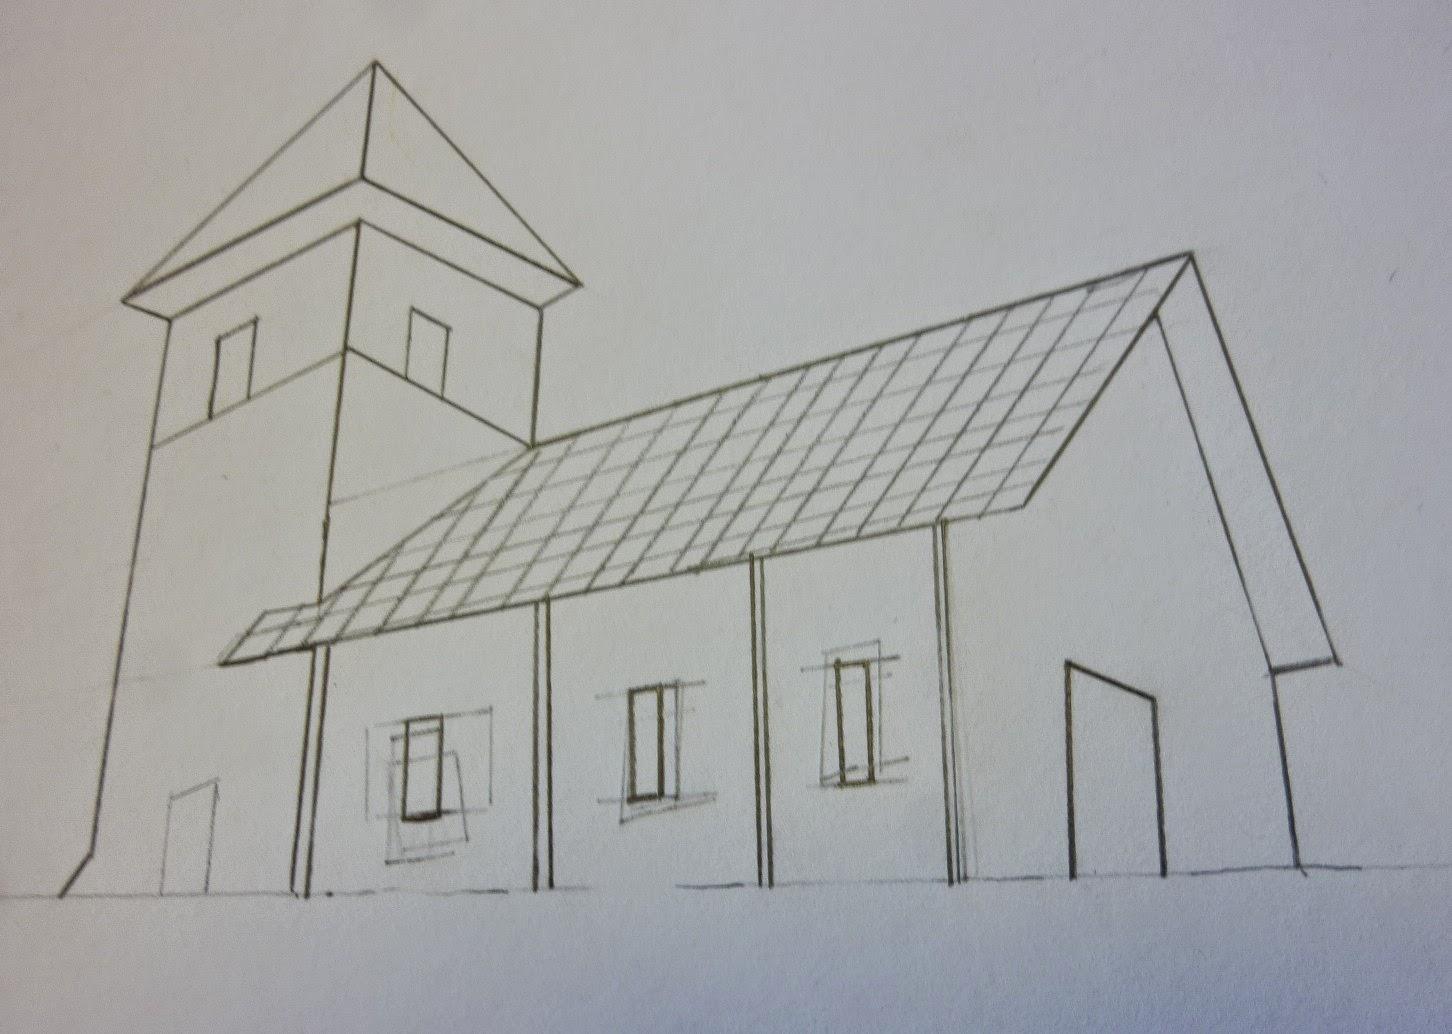 bienvenue chez les cm2 de l 39 cole nd 432 education artistique dessin b timent en. Black Bedroom Furniture Sets. Home Design Ideas